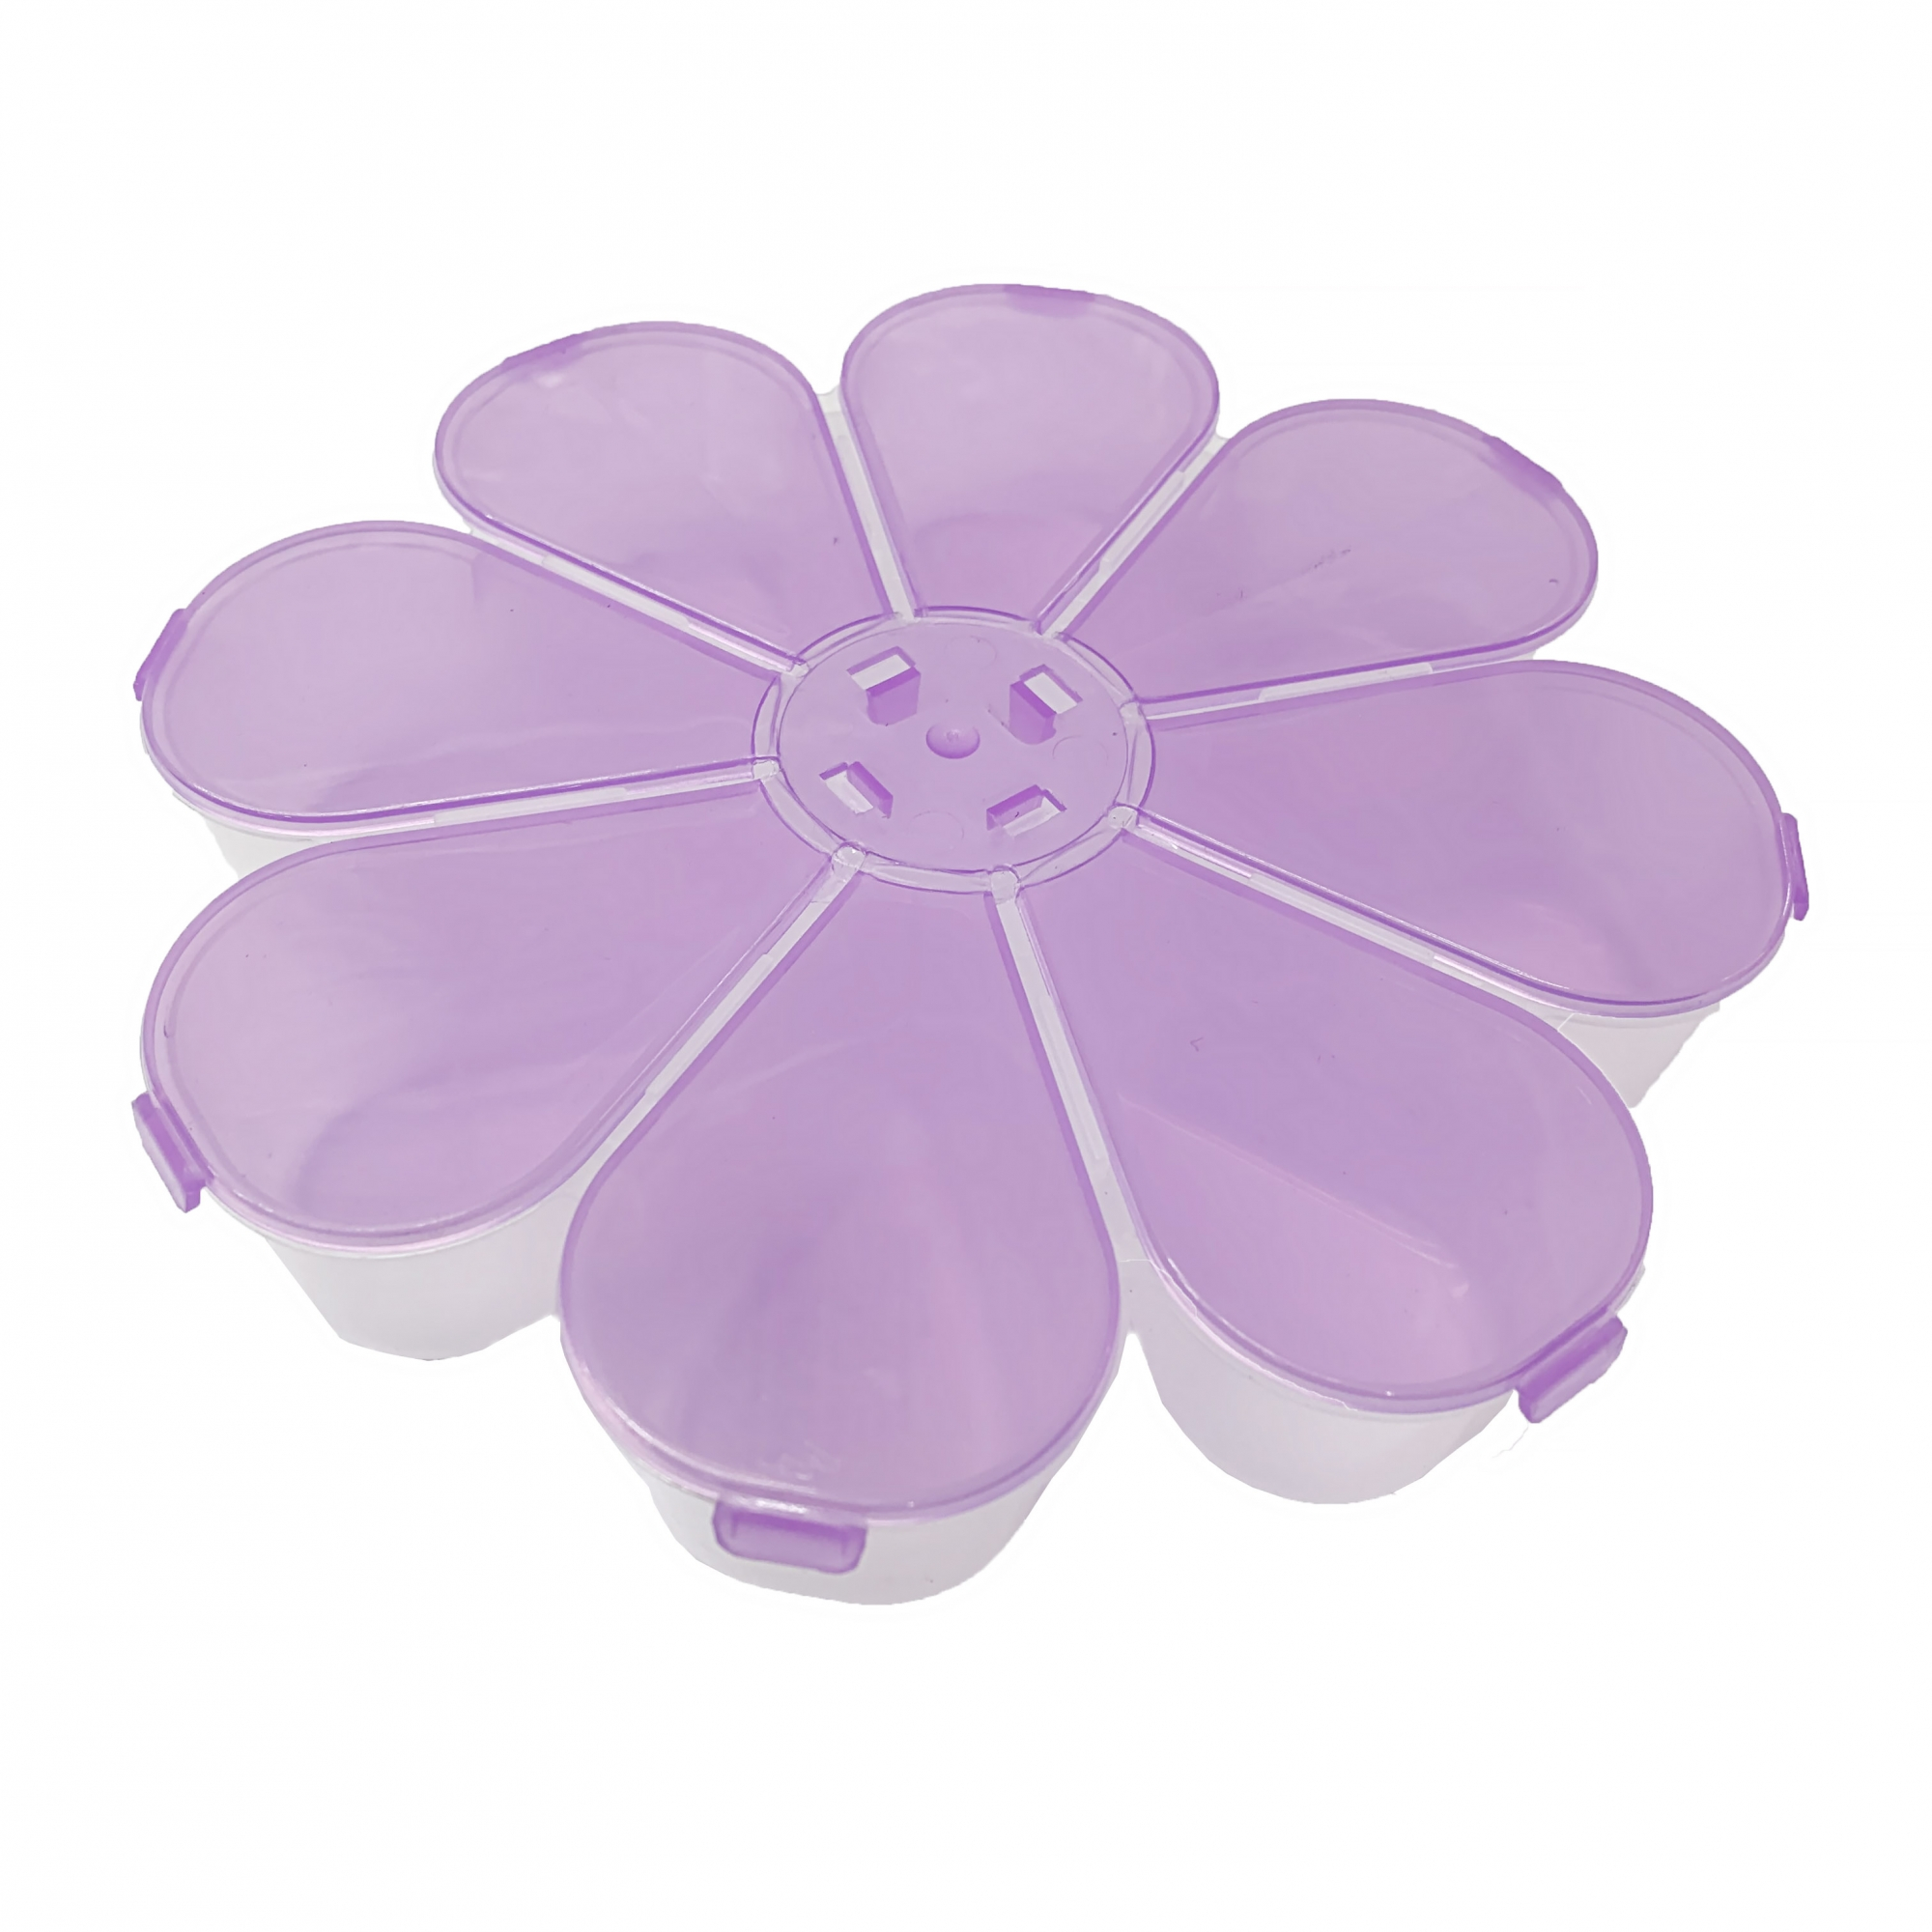 Caixa Organizadora Flor - Lilás Transparente  - Universo Religioso® - Artigos de Umbanda e Candomblé